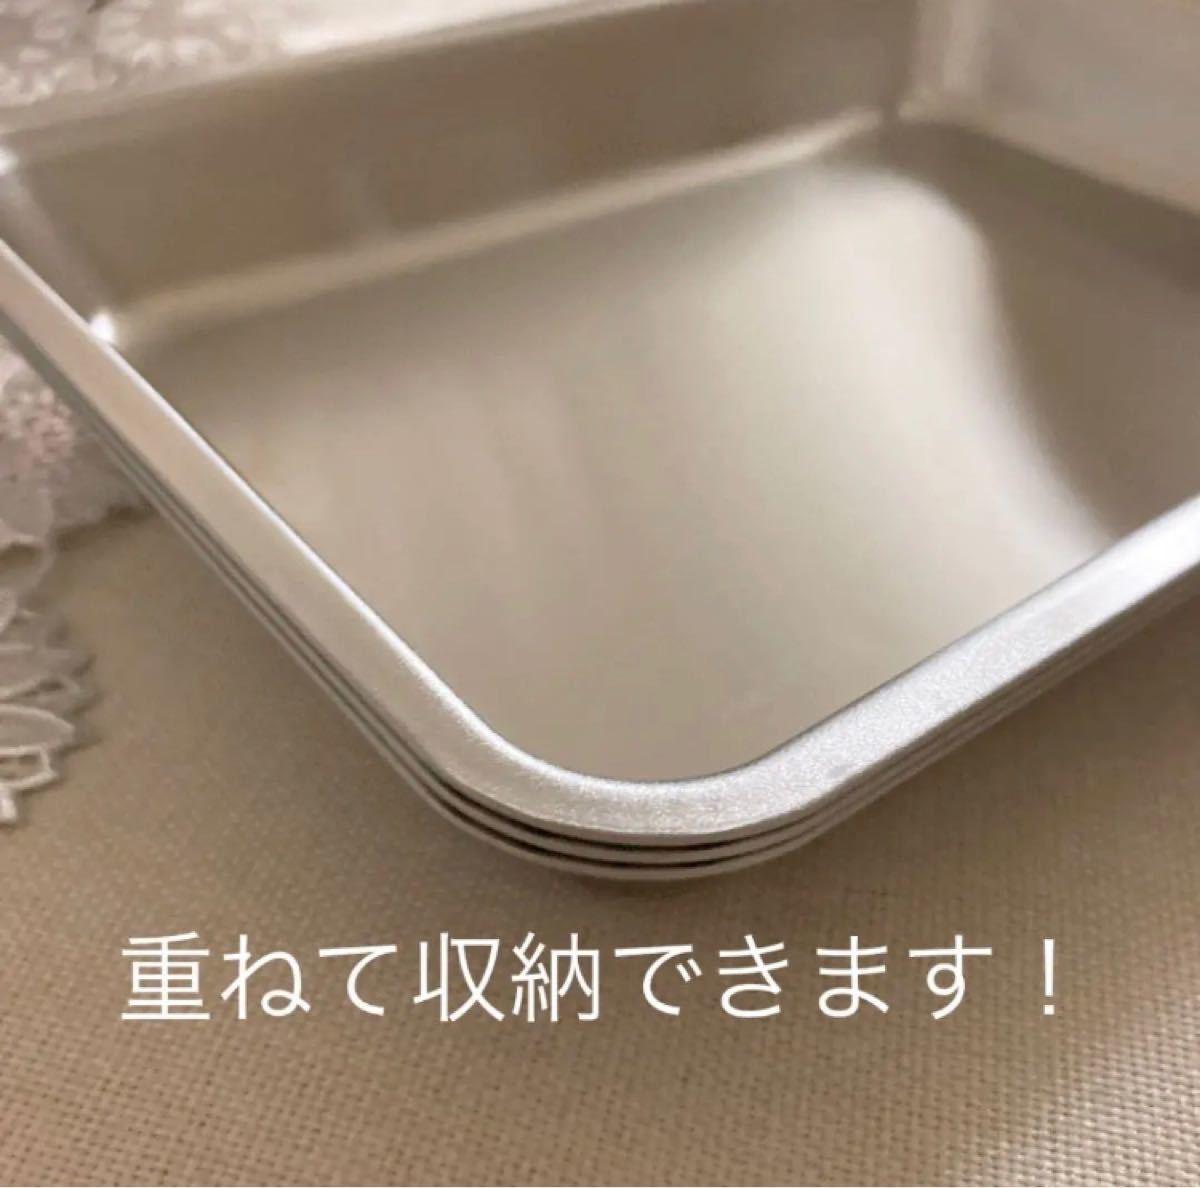 MADE in TSUBAMEステンレス深型バット×3、深型角ザルセット 新品 日本製 新潟県燕市燕三条 刻印入り